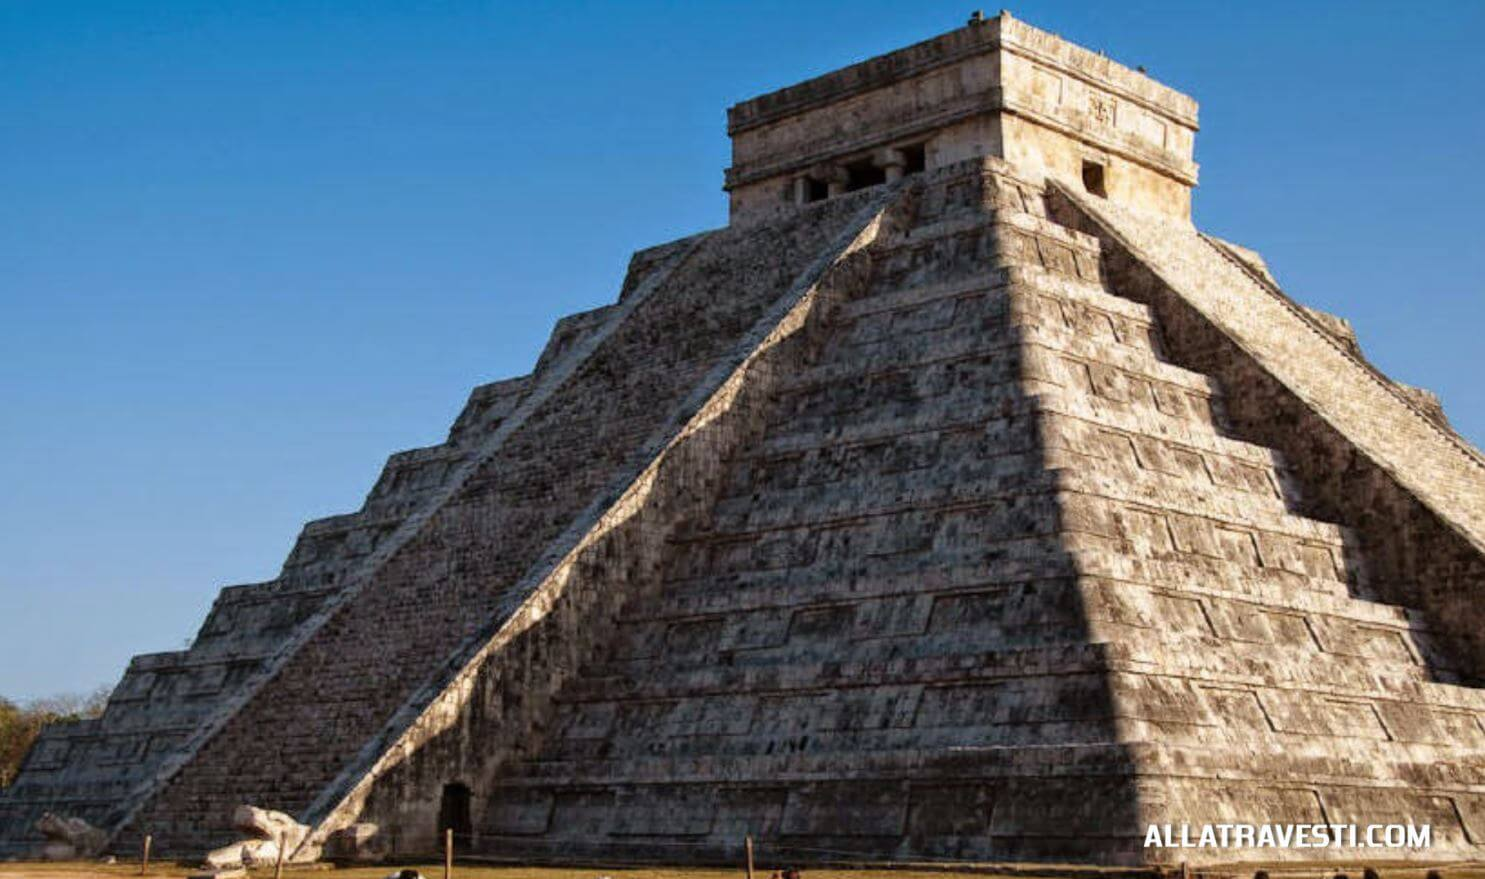 Храм Кукулькана. В дни равноденствия можно наблюдать явление, названное пернатым змеем